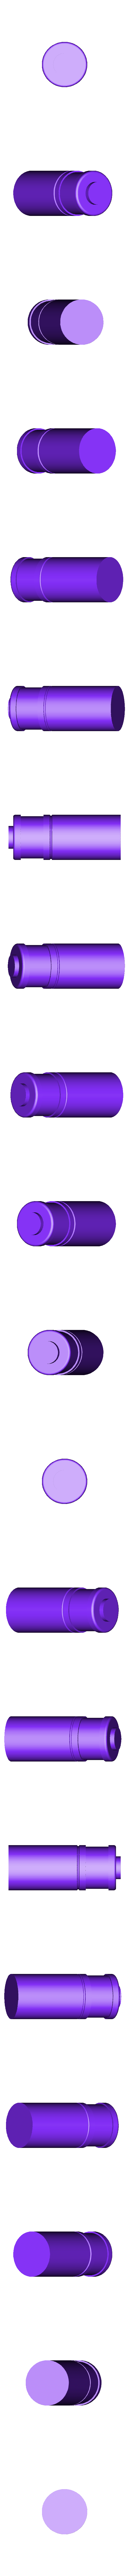 Shell_3.stl Download free STL file Borderlands Bandit Room Clener Shotgun • 3D printer object, Dsk